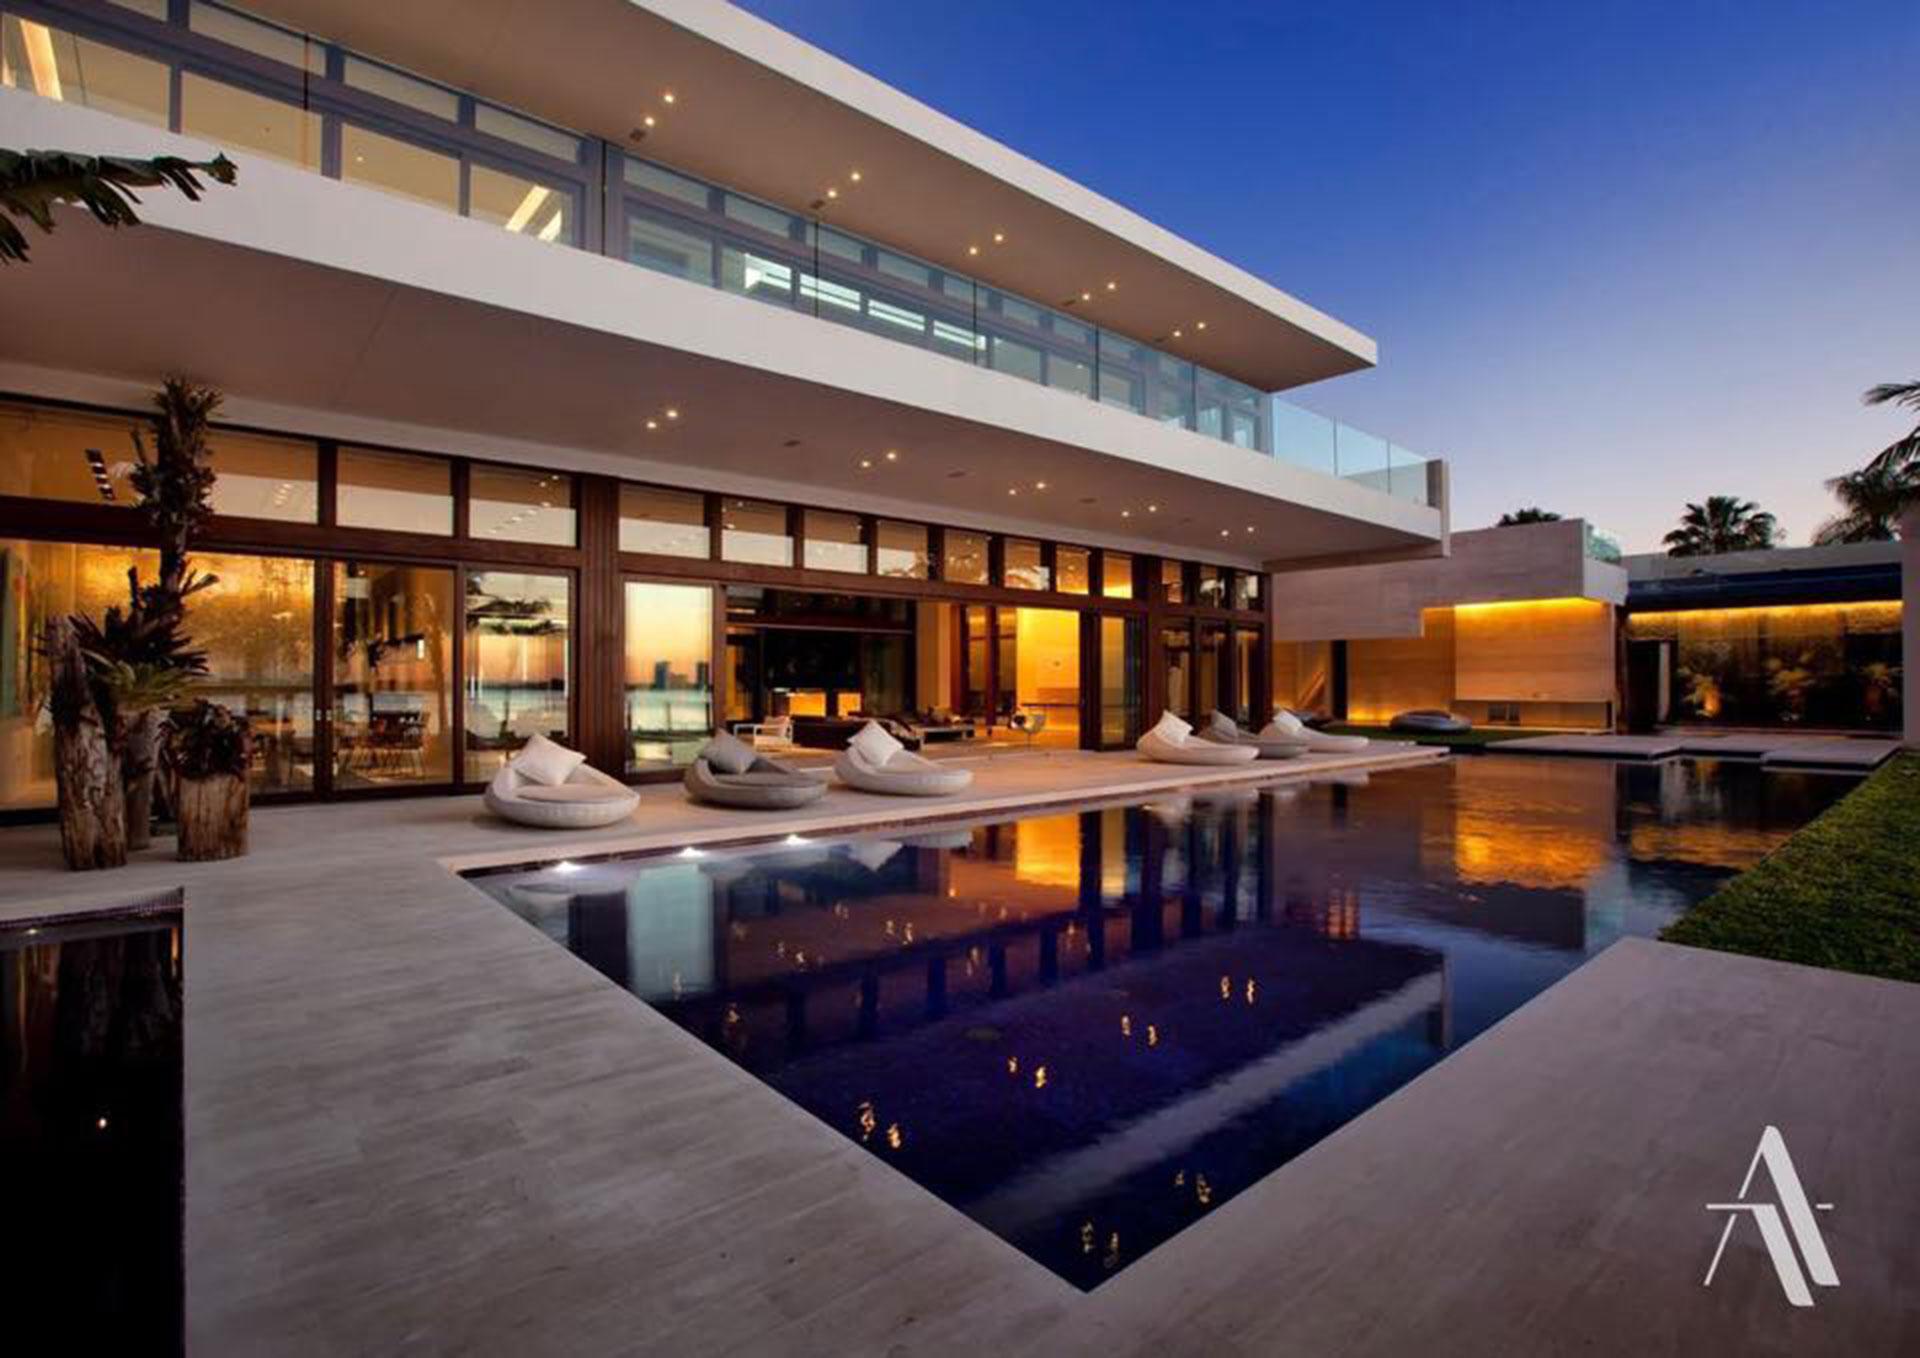 Cuenta con un spa, un jardín y un bar en el techo, dos cocinas, un cine 3D y una piscina de casi 30 metros.